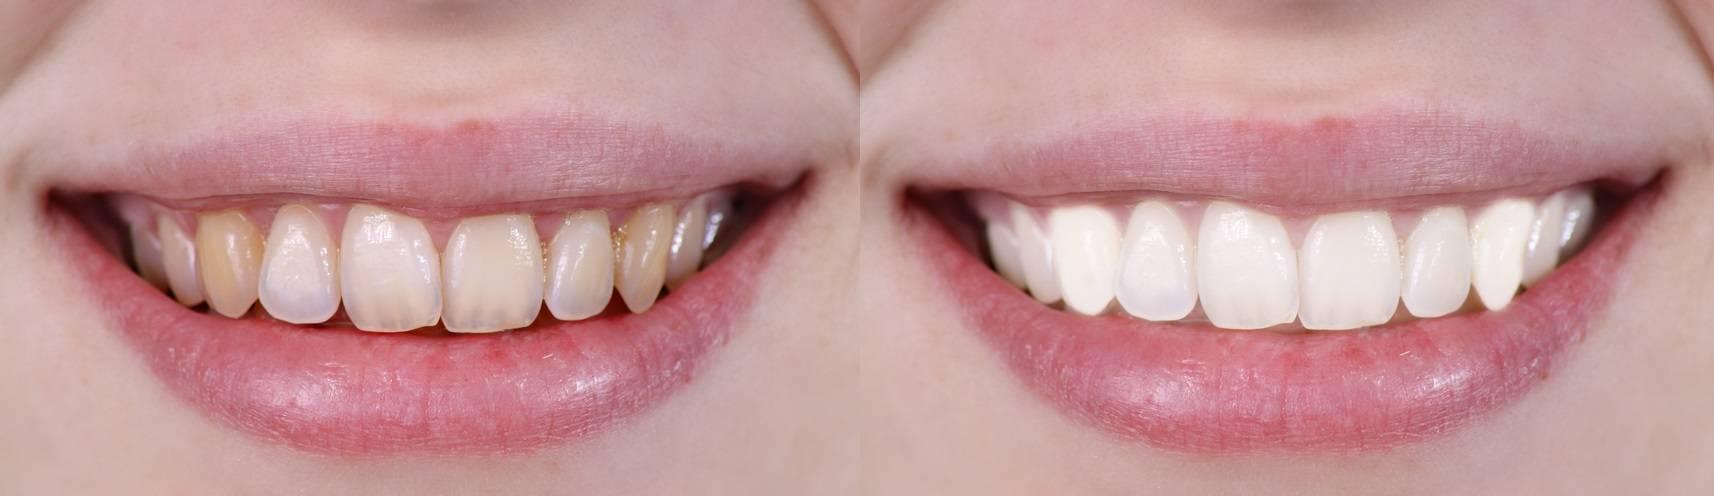 Изменение цвета зубов: почему желтеют зубы